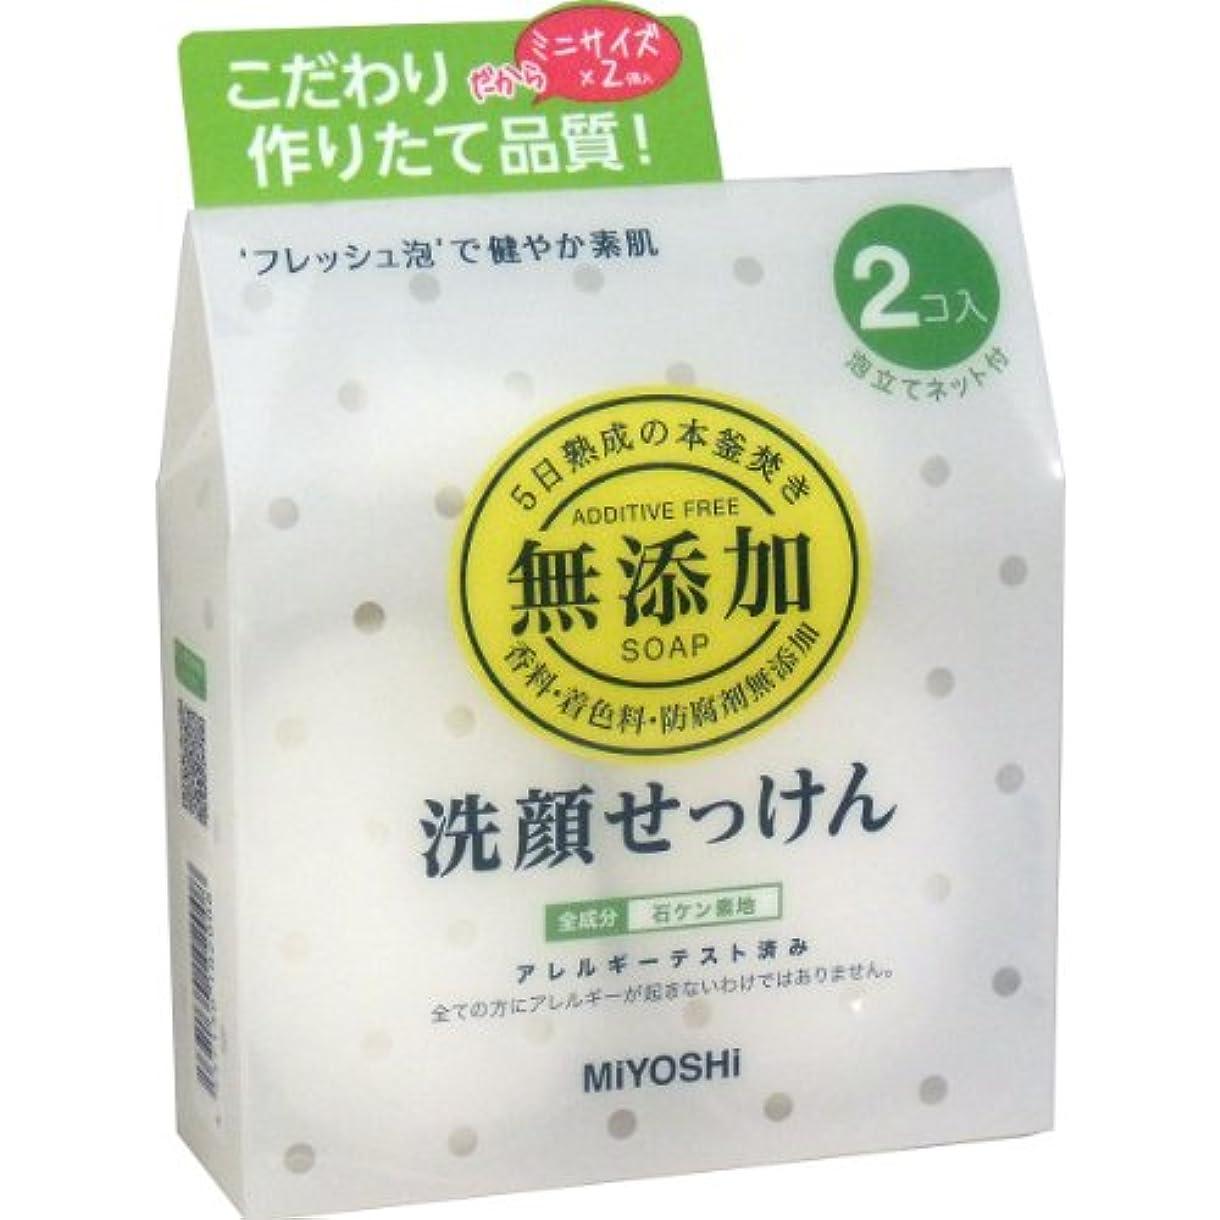 クスクスジョグ急降下【ミヨシ石鹸】無添加 洗顔せっけん 40g×2コ入 ×20個セット